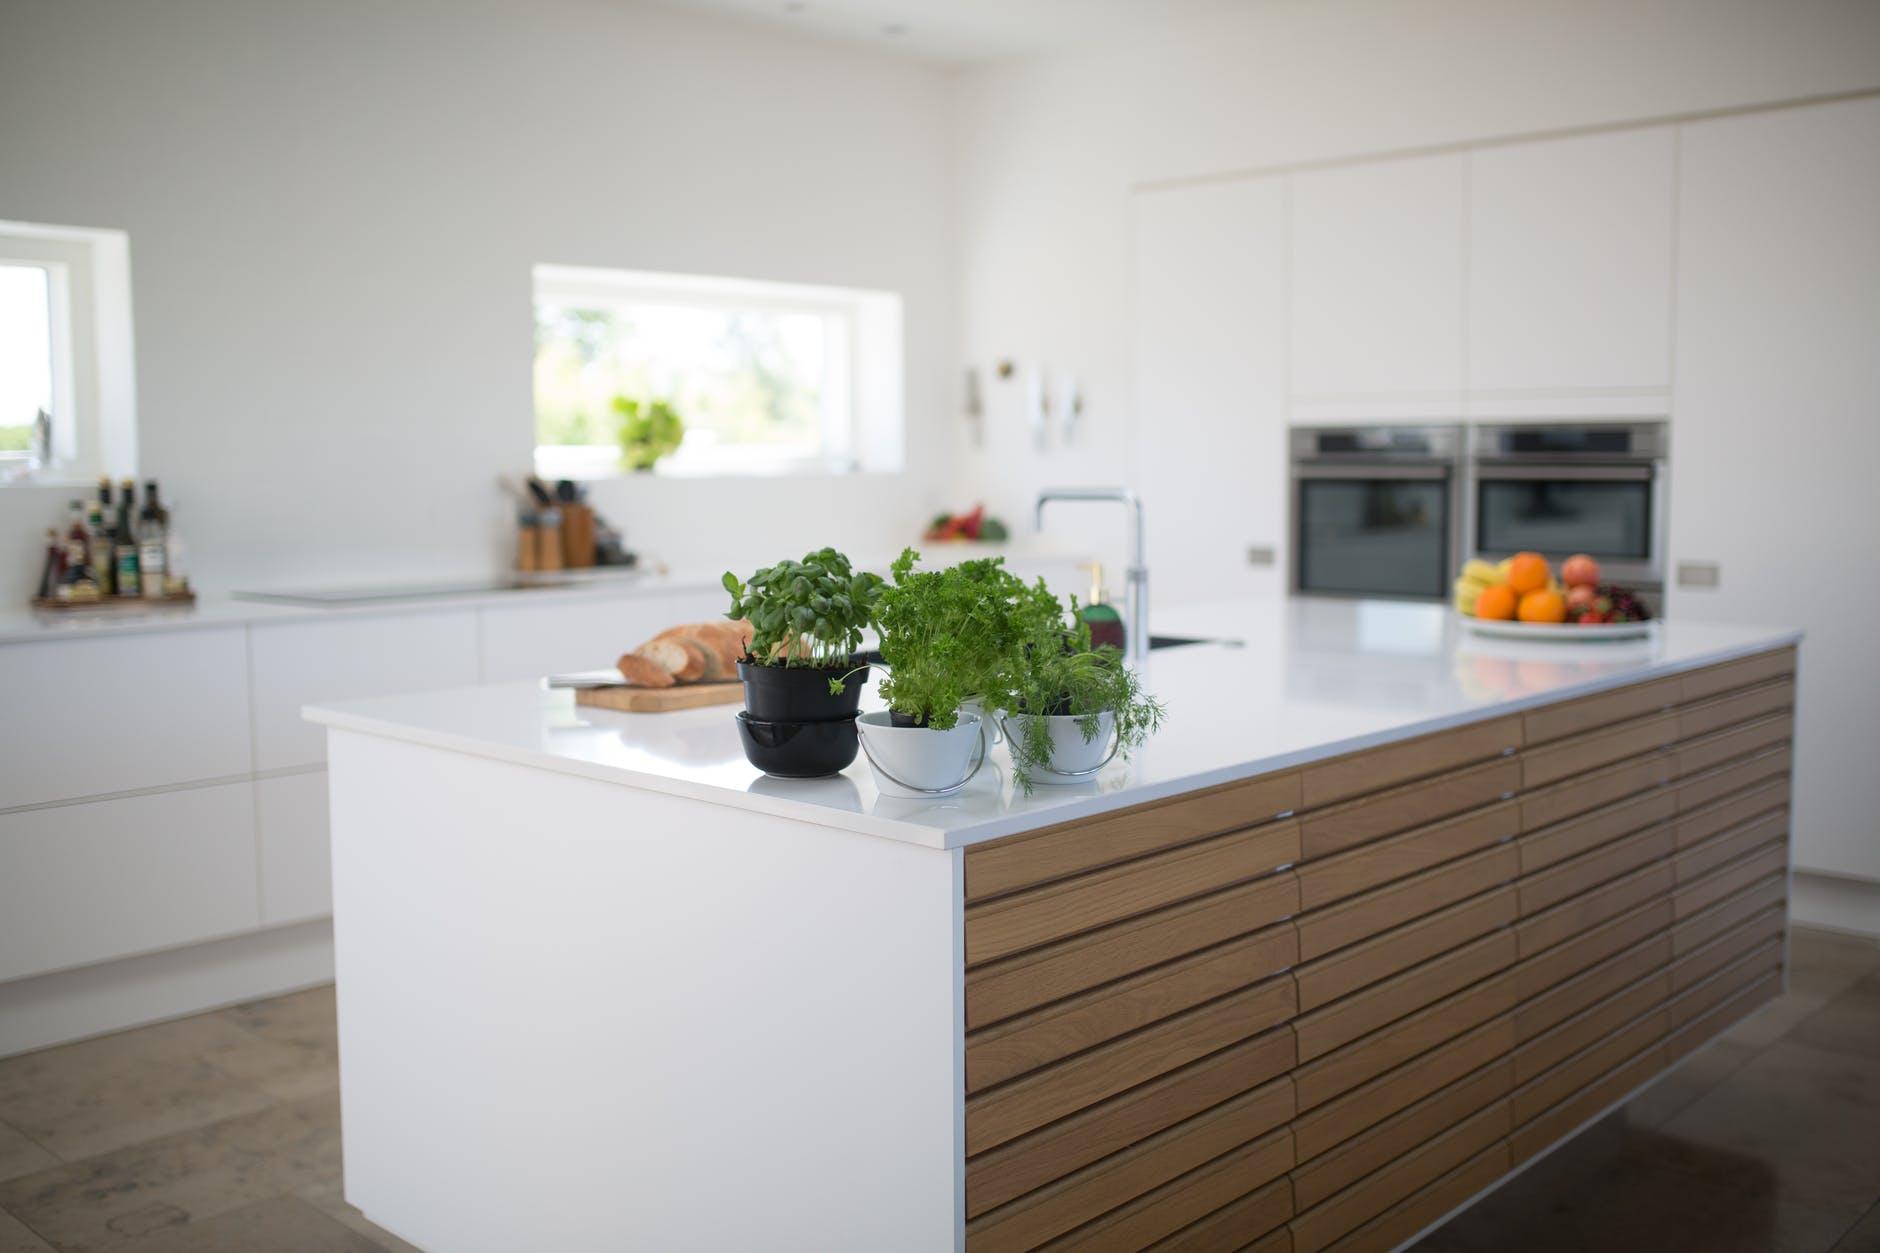 Come scegliere i colori adatti per la cucina